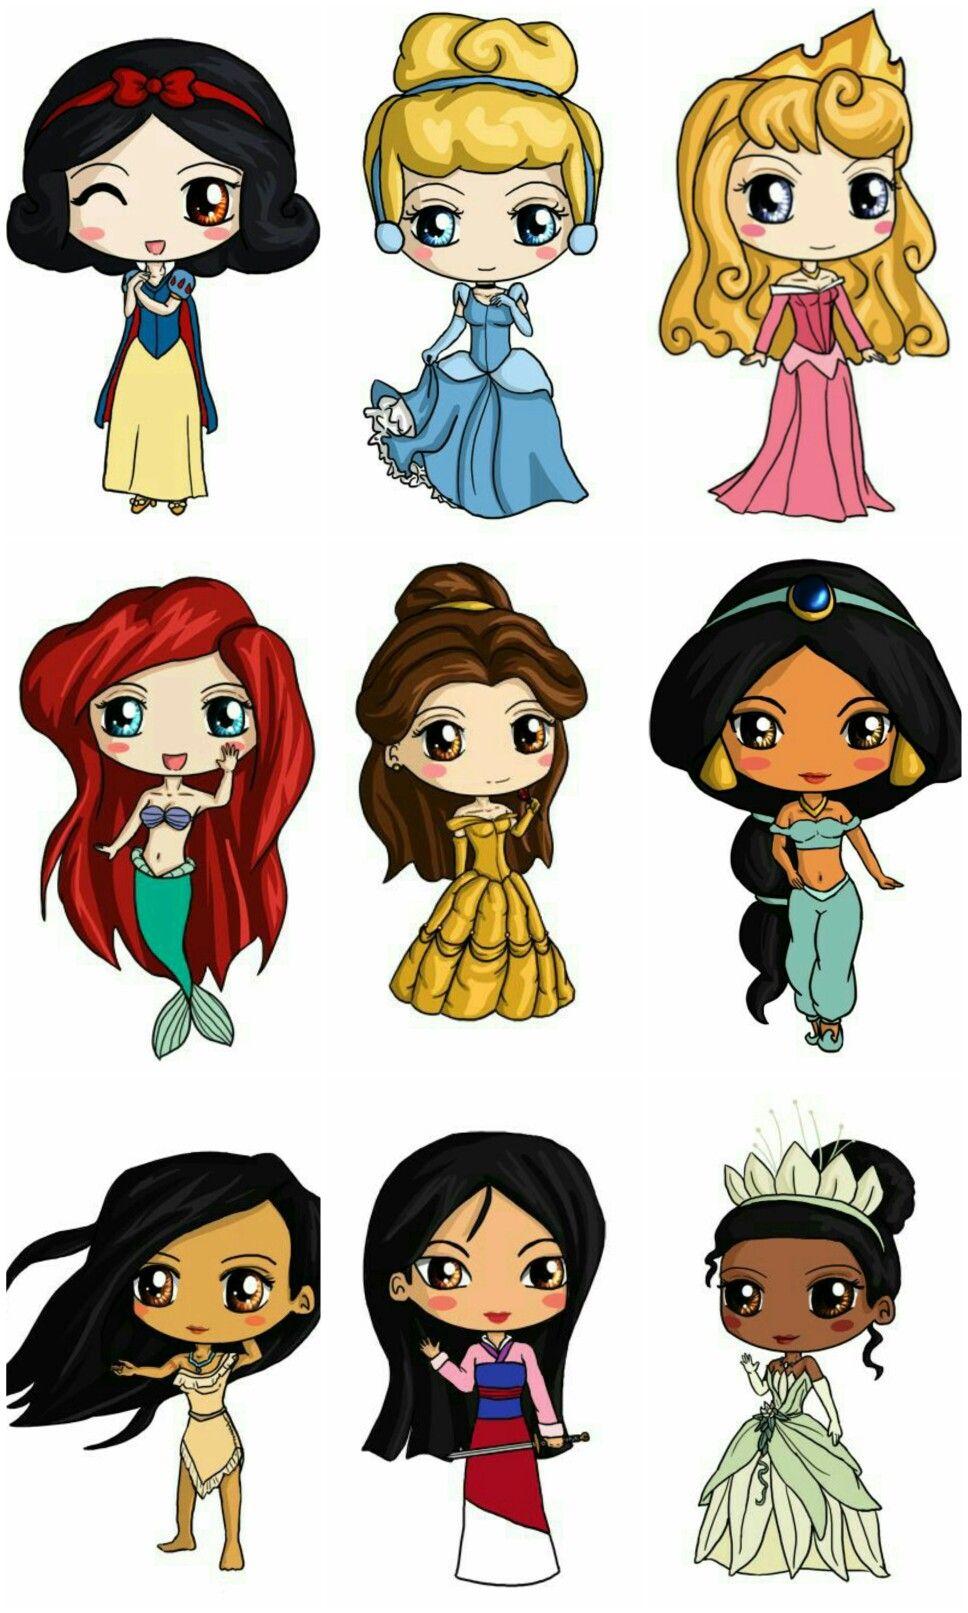 Pin De Geruza Alves Em Princesas Disney Desenhos Kawaii